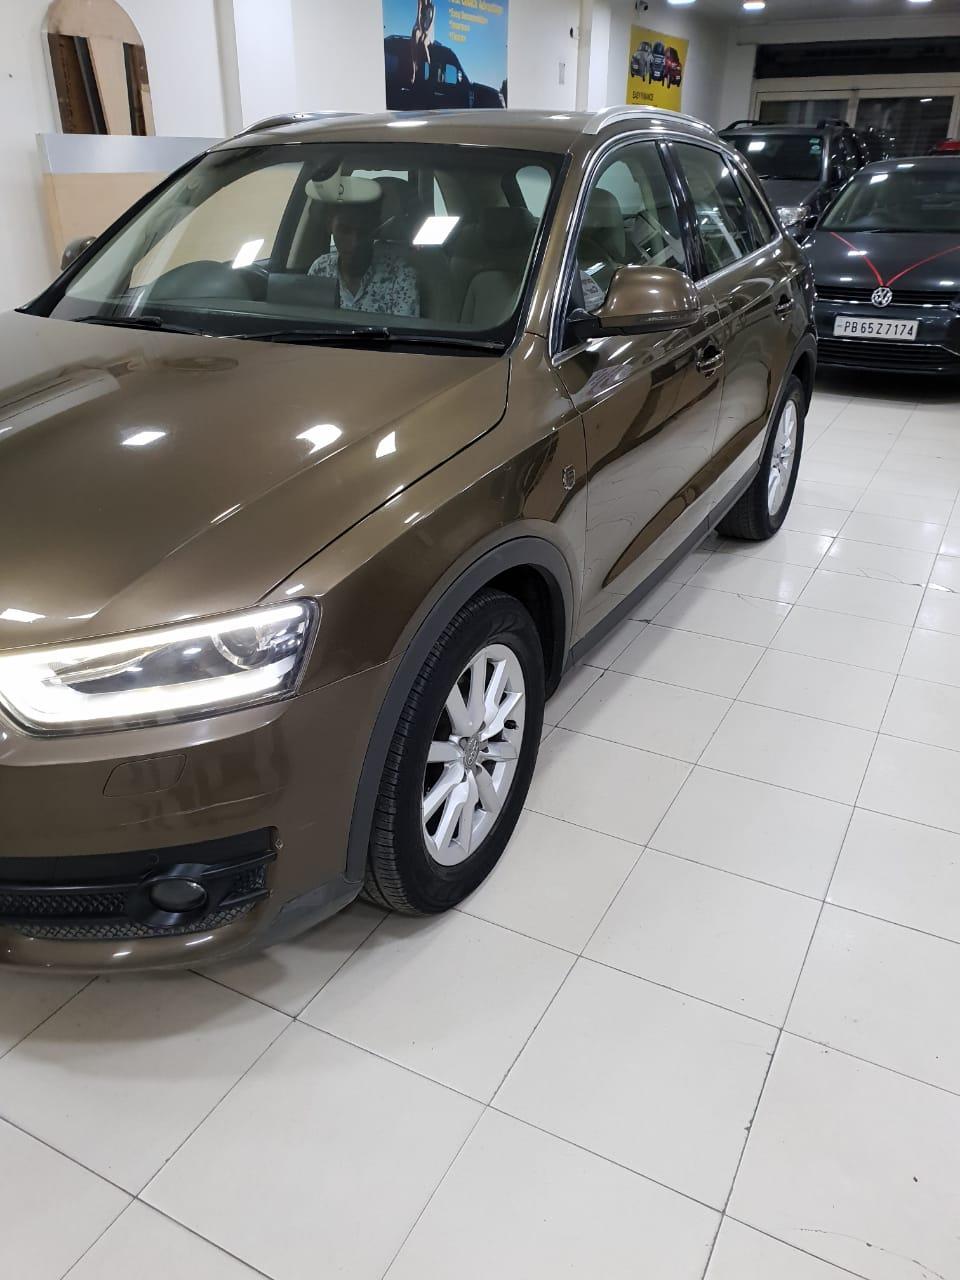 2013 Used Audi Q3 2.0 TDI PREMIUM PLUS